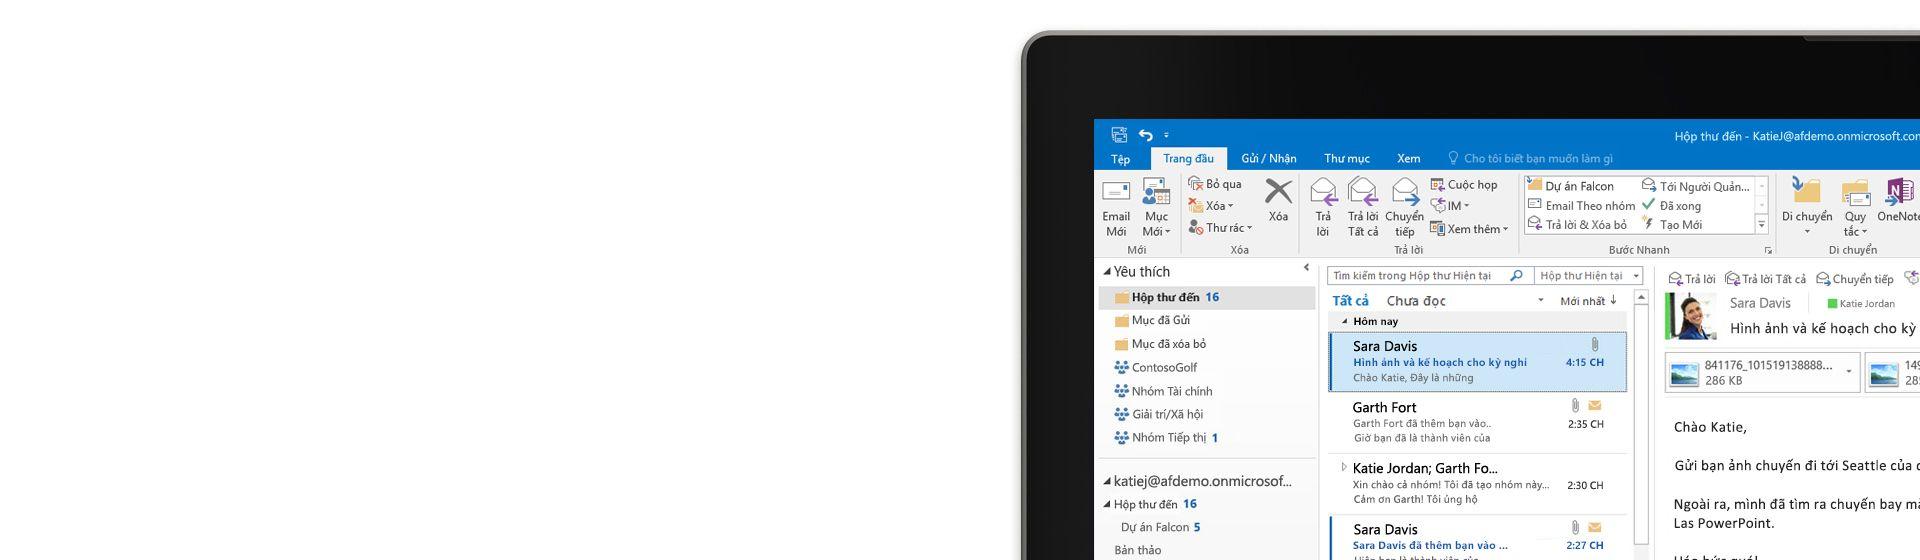 Một góc màn hình máy tính hiển thị hộp thư đến của email trong Outlook